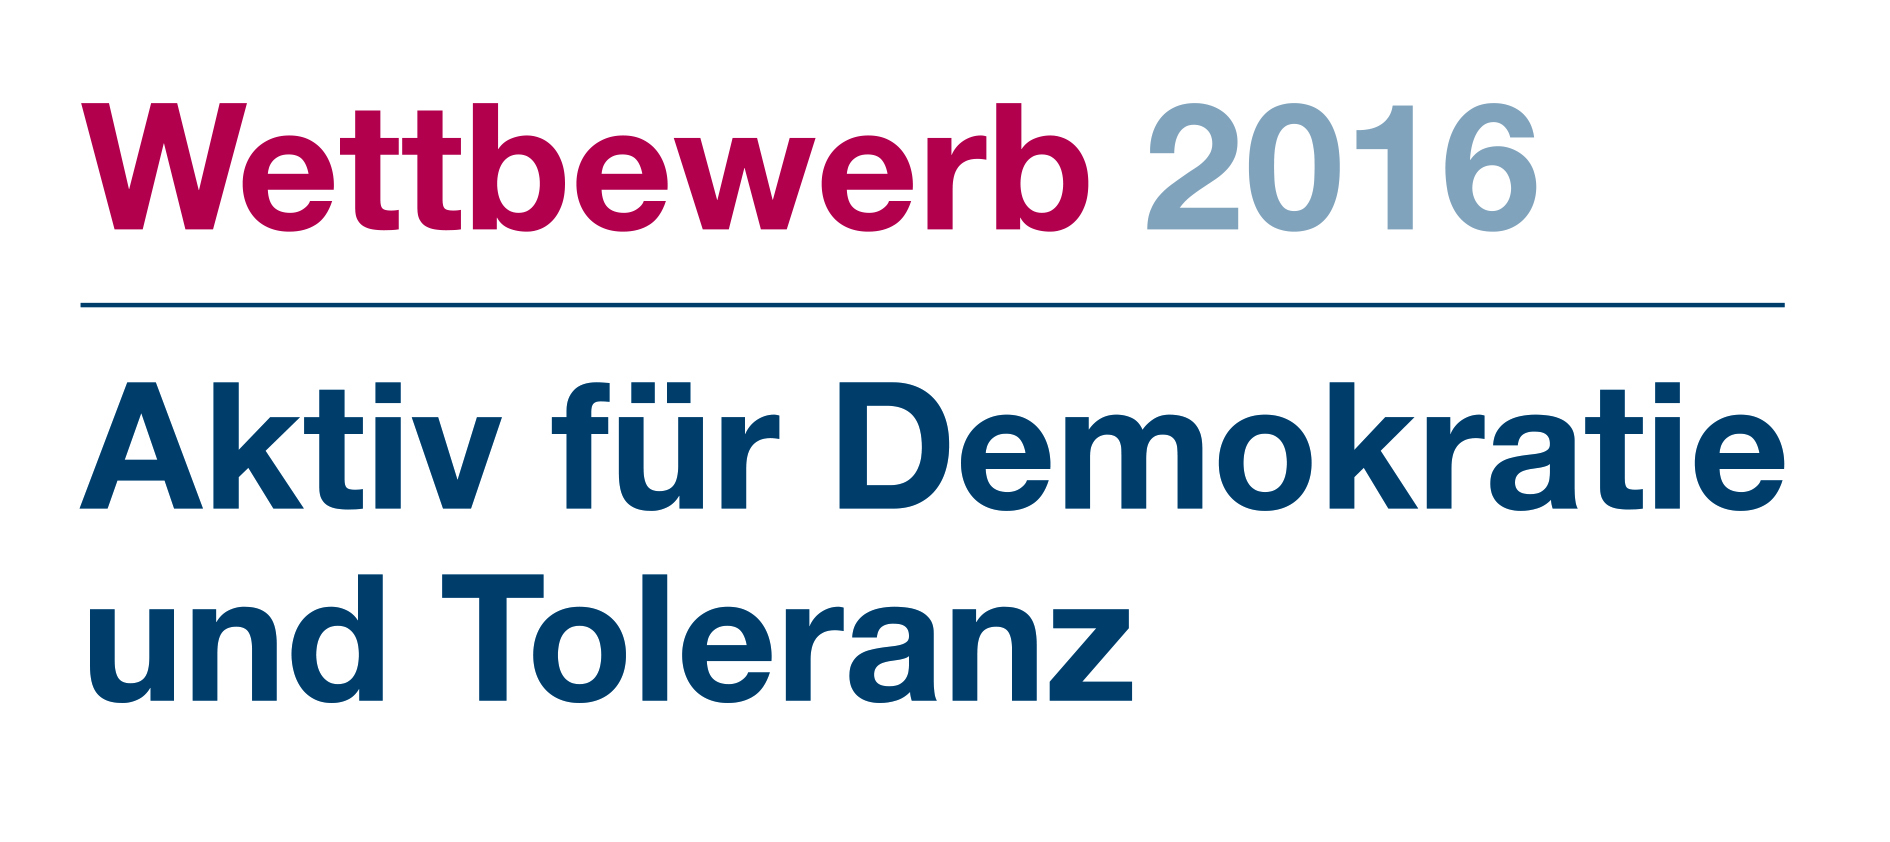 Aktiv für Demokratie und Toleranz